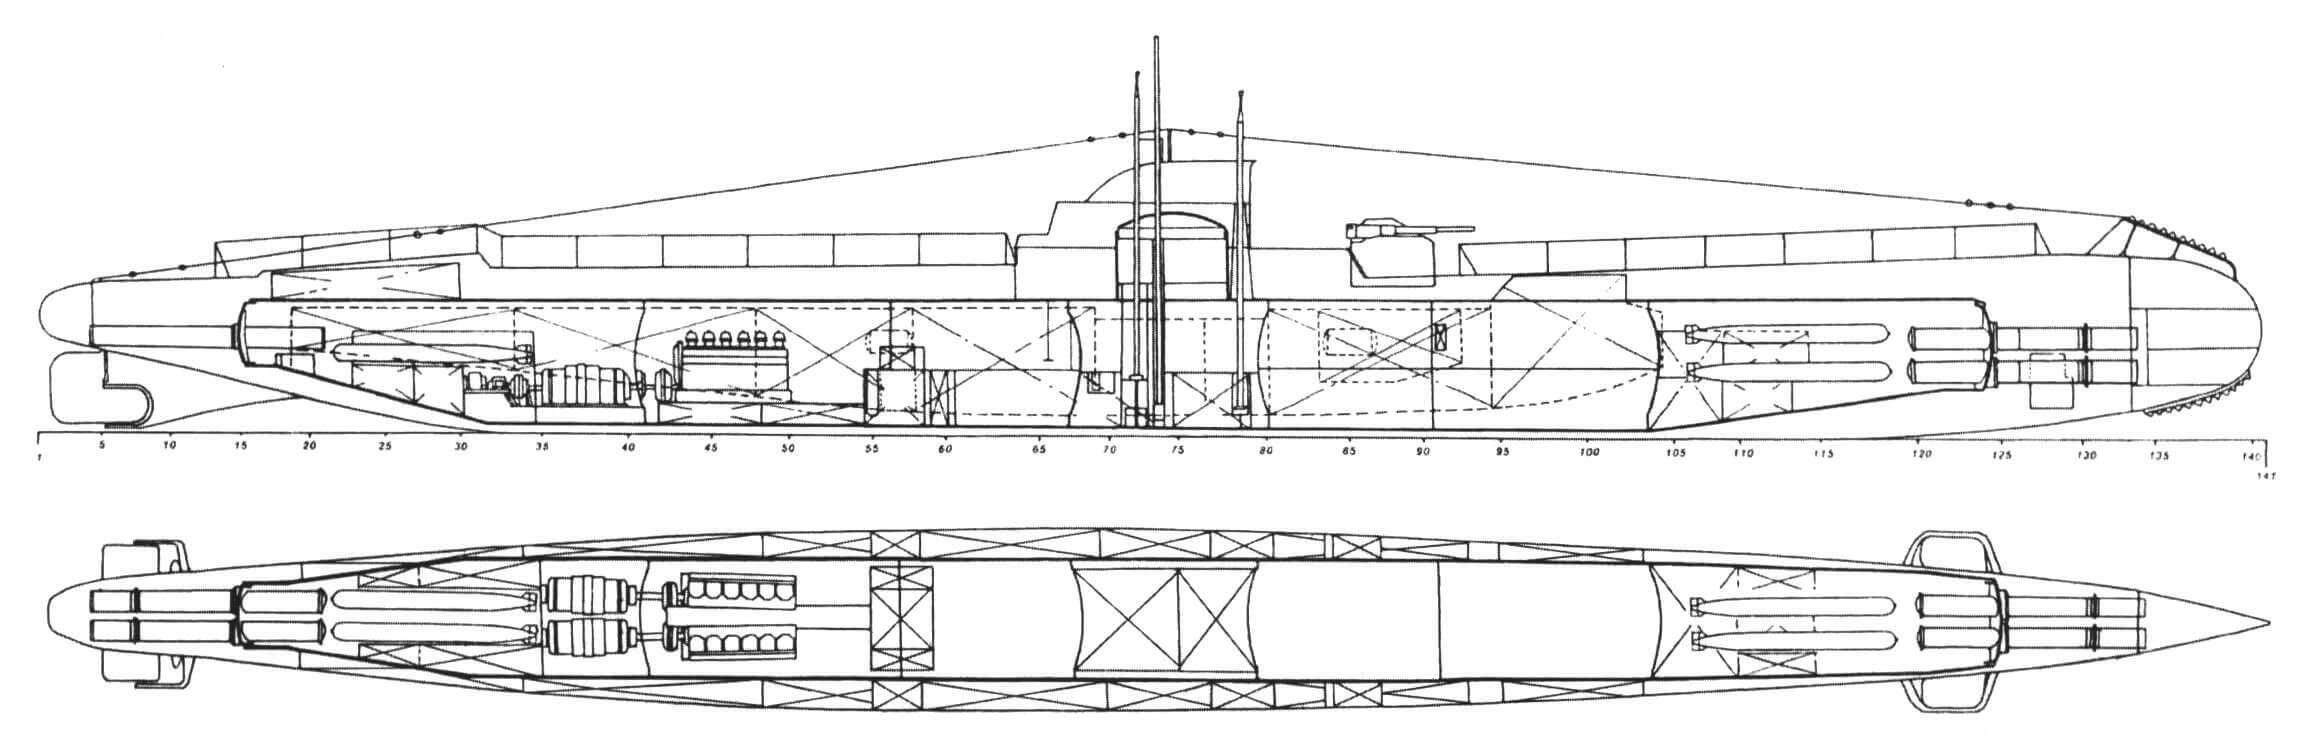 Подводная лодка «Дельфинул» (Румыния, 1936 г.). Строилась фирмой «Кантьери Навали ди Куарнаро» в Фиуме (Италия) по заказу Румынии. Тип конструкции - полуторакорпусный. Водоизмещение надводное/подводное 650/900 т. Размеры: длина - 68,58 м, ширина - 5,94 м, осадка - 3,66 м. Глубина погружения - до 60 м. Двигатель: два дизеля мощностью 800 л.с. + два электромотора мощностью 800 л.с. Скорость надводная/ подводная - 14/9 уз. Вооружение: восемь 533-мм торпедных аппаратов (шесть в носу и два в корме, восемь торпед), одно 102-мм орудие, впоследствии добавлен пулемет. Экипаж - 40 чел. Заложена в 1928 г., в 1931-м вступила в строй и временно вошла в состав итальянского ВМФ. В 1936 г. передана Румынии. Захвачена советскими войсками в сентябре 1944 г. и включена в состав Черноморского флота. В октябре 1944 г. лодка переименована в «ТС-3» и через год возвращена Румынии под прежним именем